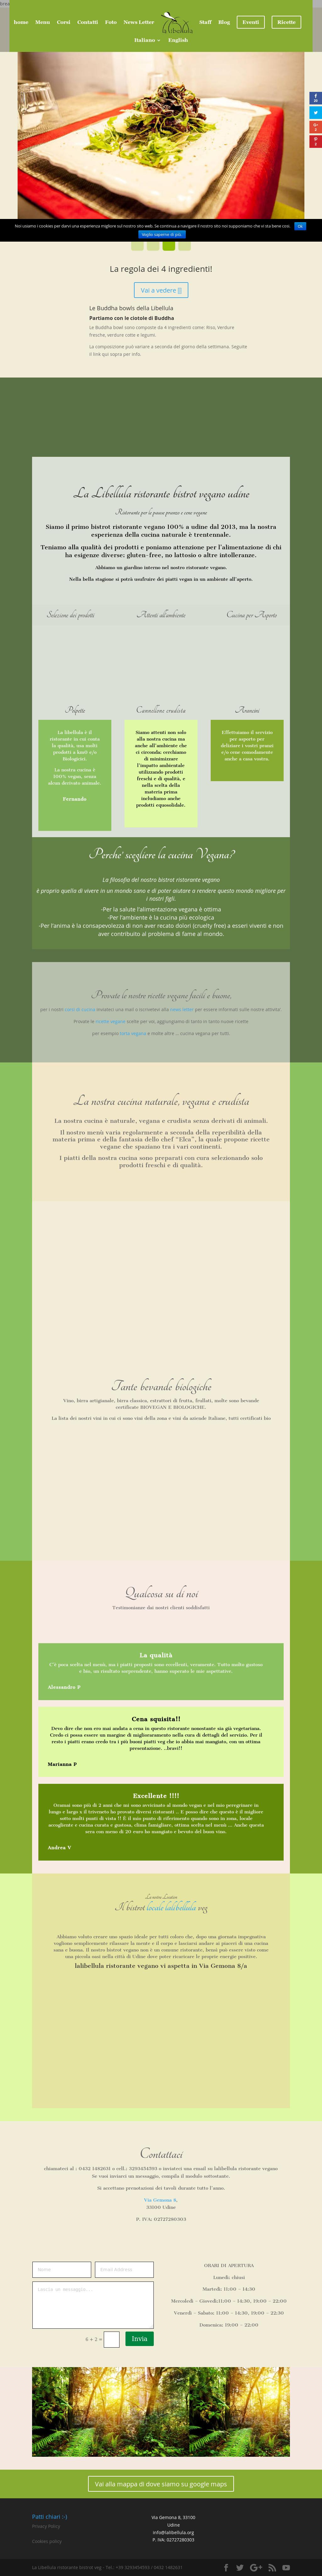 """Giardino In Città Udine la libellula"""""""" competitors, revenue and employees - owler"""